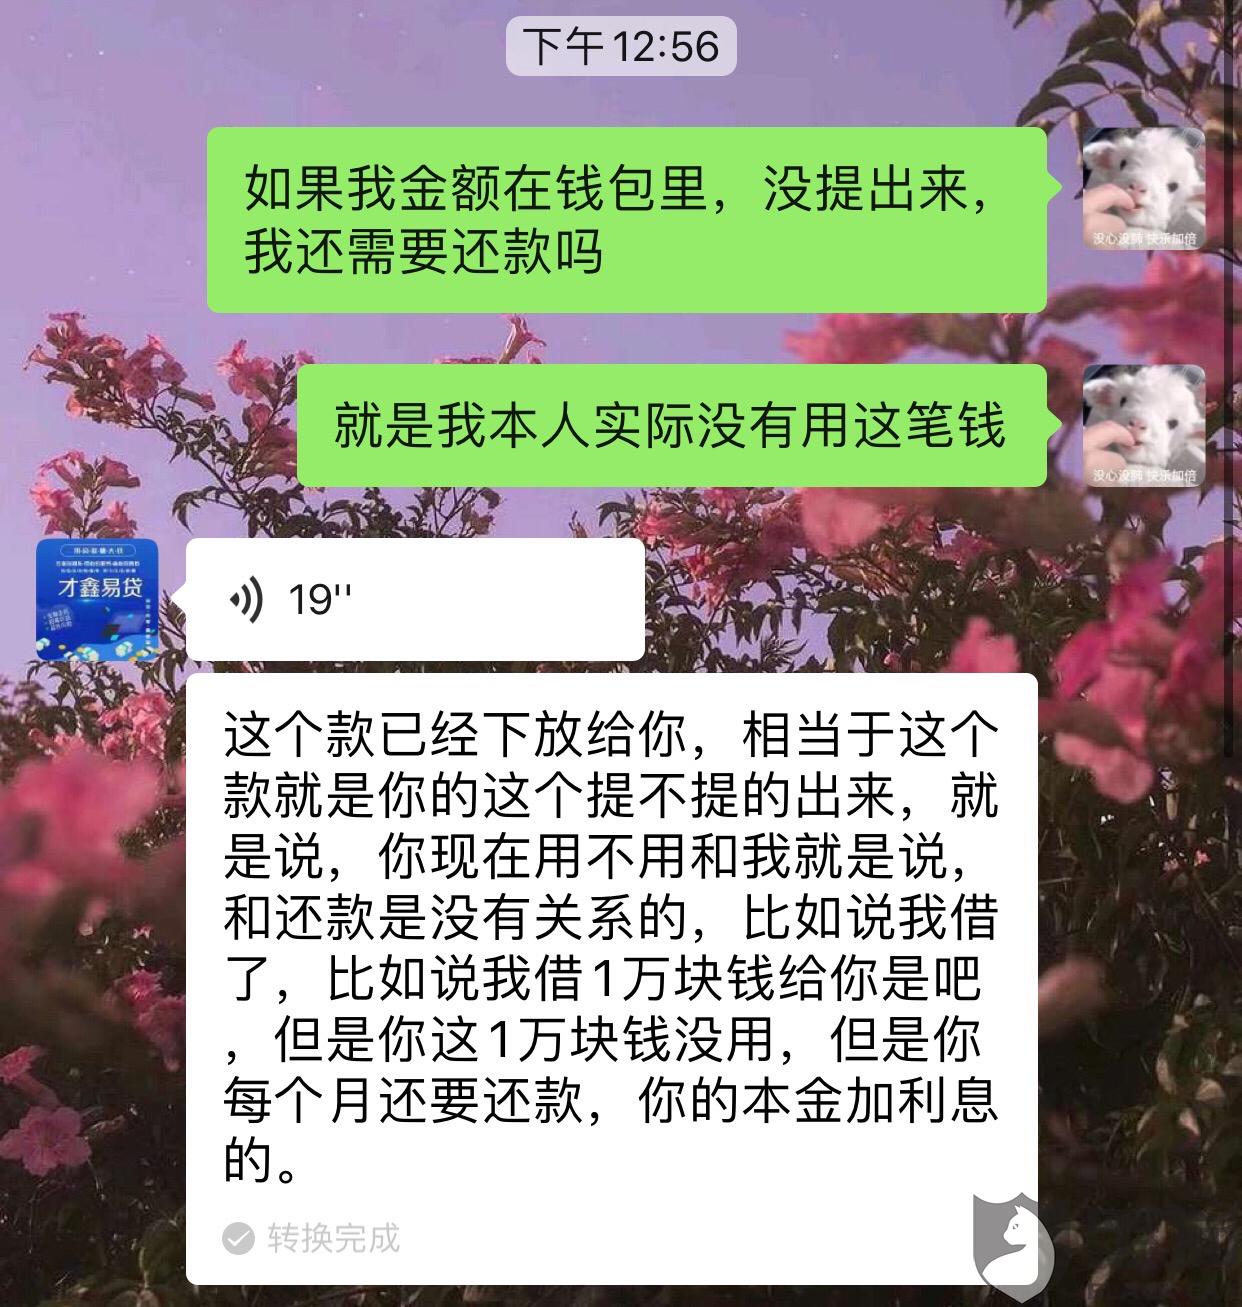 黑猫投诉:才鑫易袋与前海锐步商业保理(深圳)有限公司